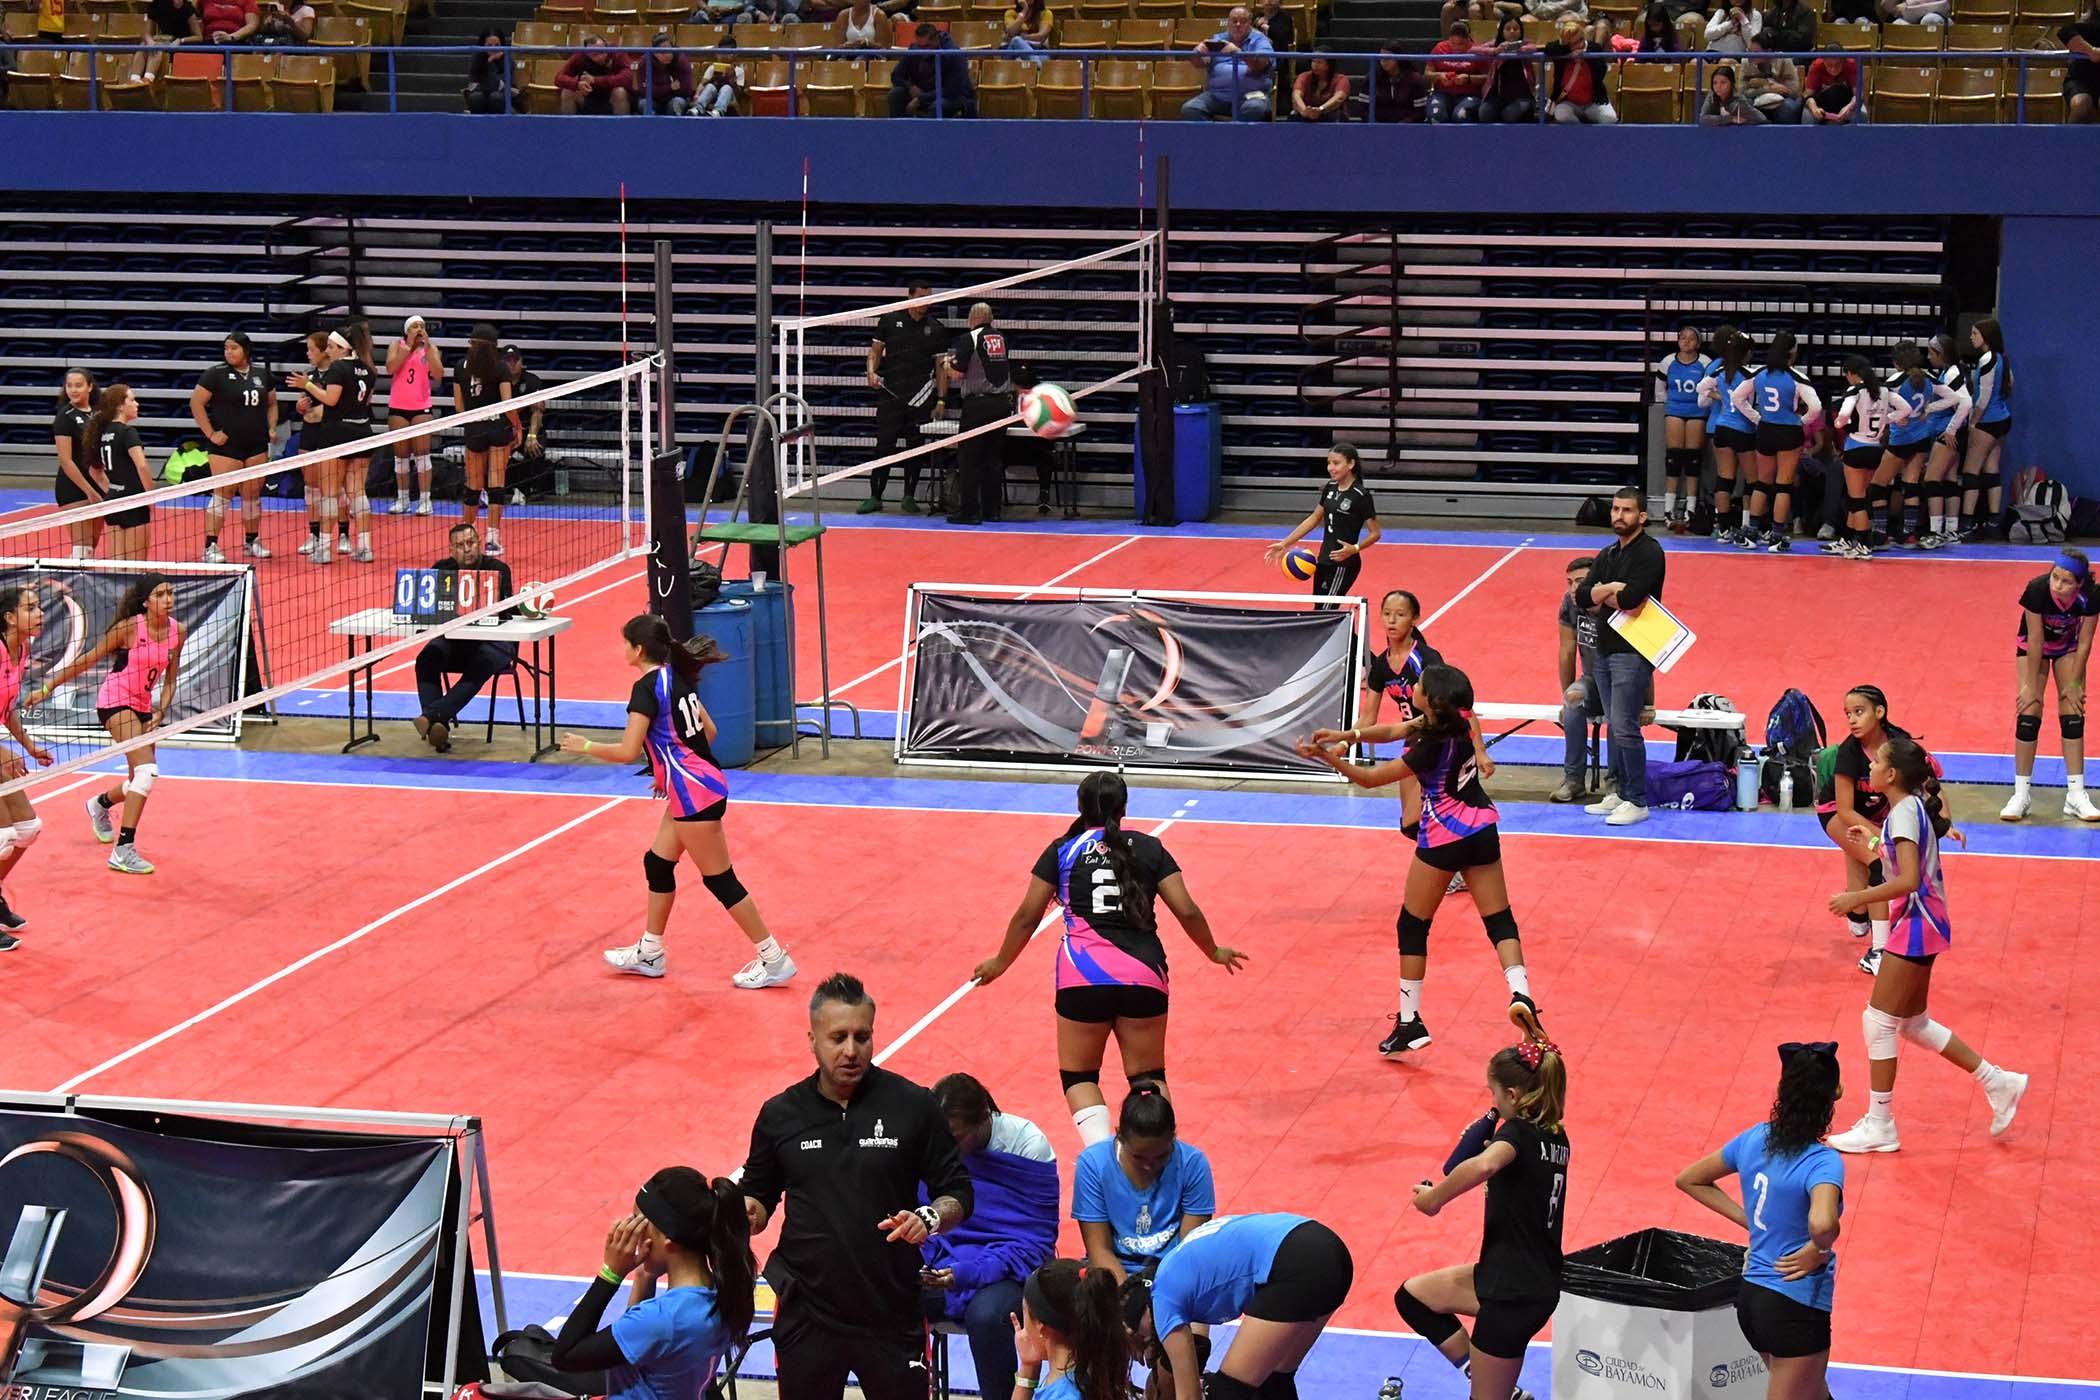 Jugadoras en torneo de Volleyball